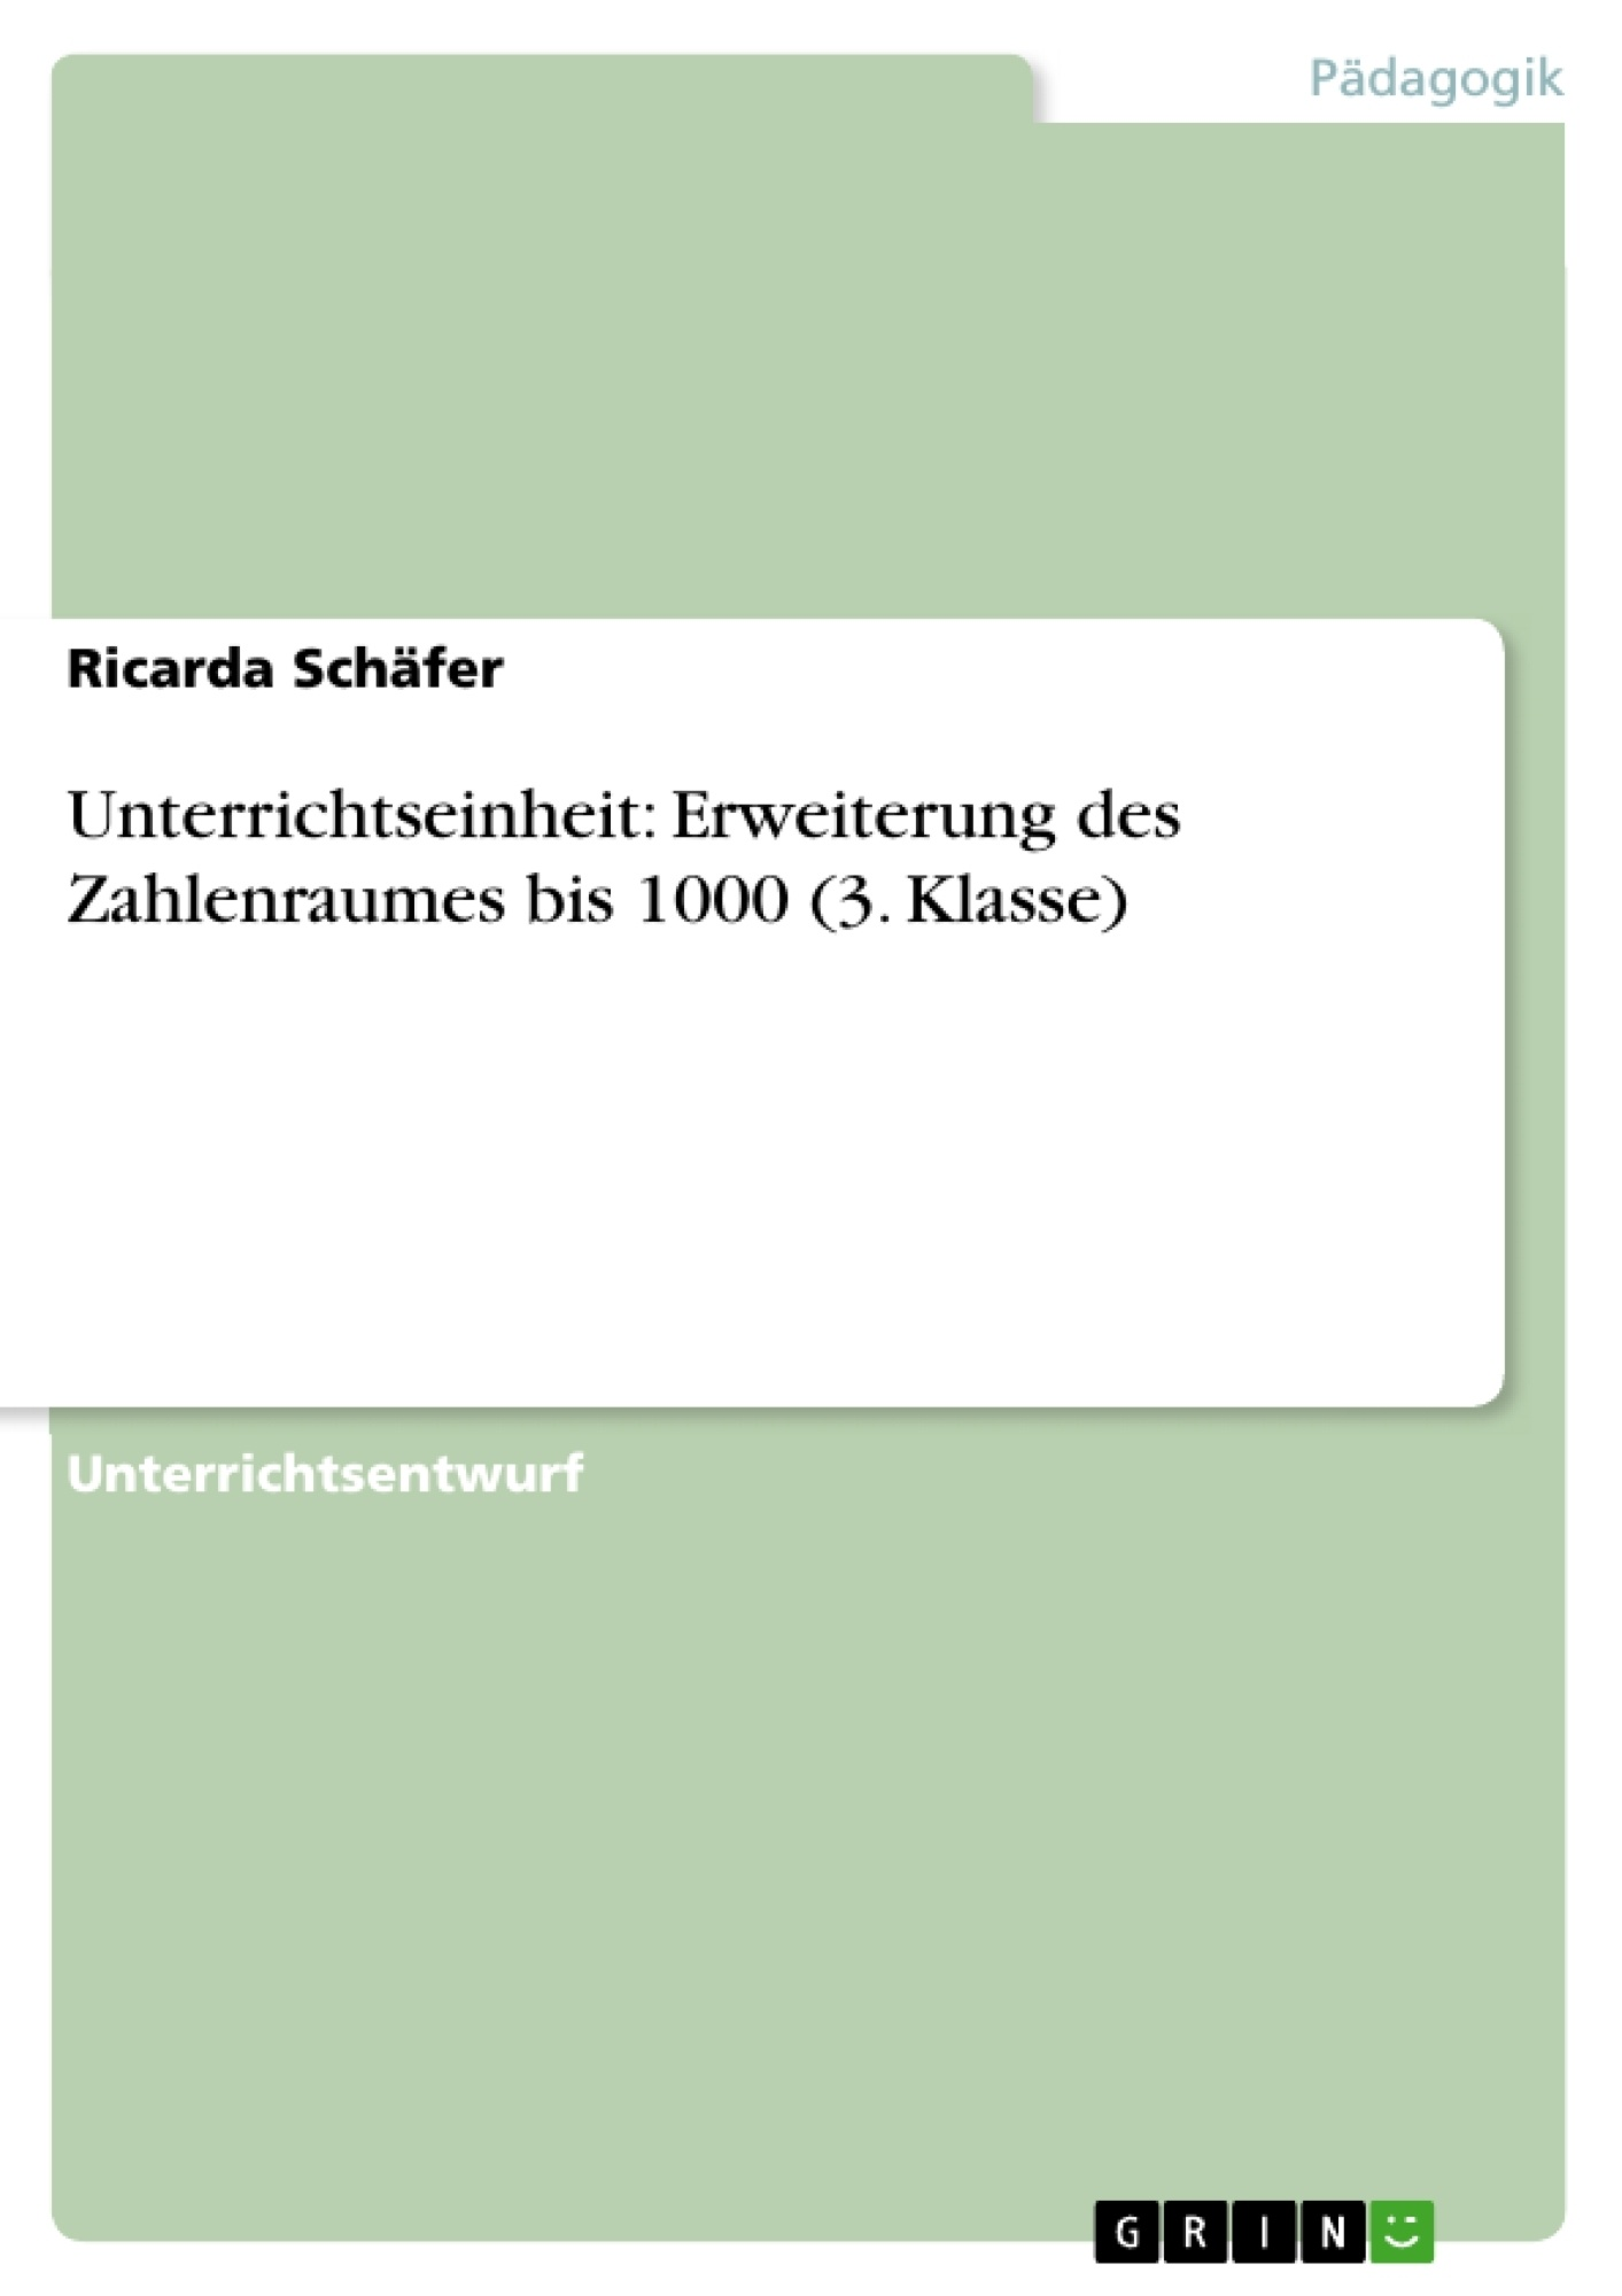 Titel: Unterrichtseinheit: Erweiterung des Zahlenraumes bis 1000 (3. Klasse)